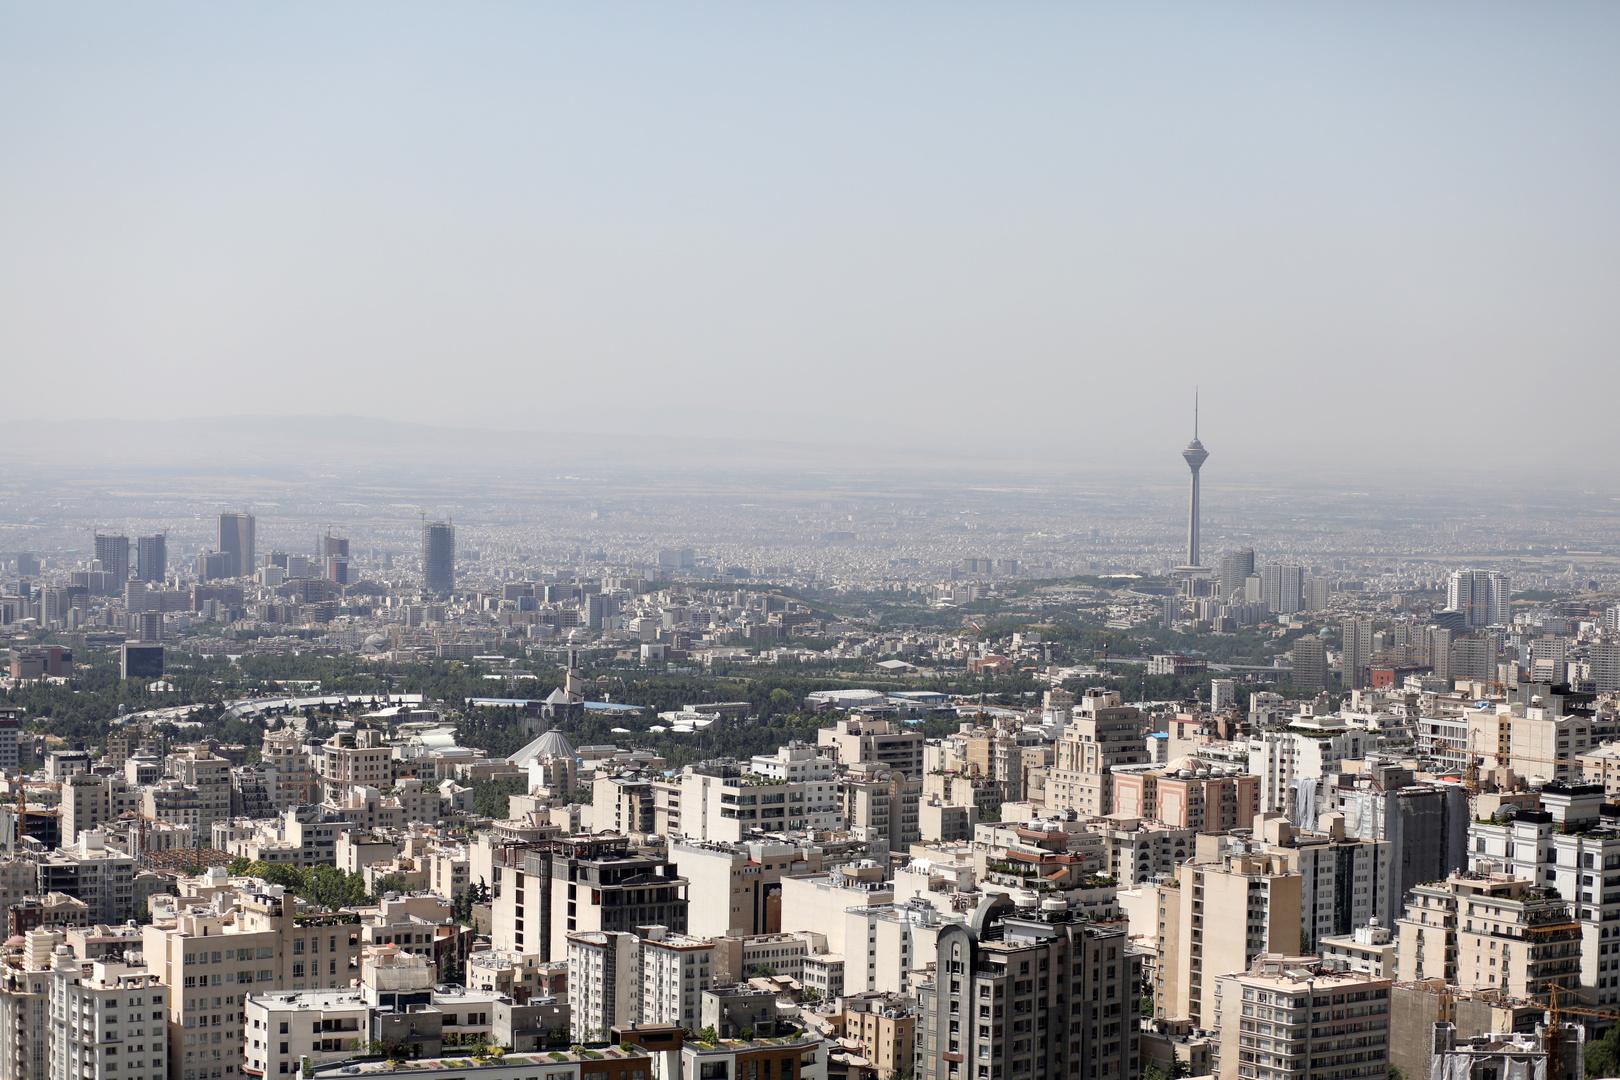 إيران: لم نتحادث مع إدارة بايدن حول السجناء الأمريكيين وتبادلنا رسائل عبر سفارة سويسرا